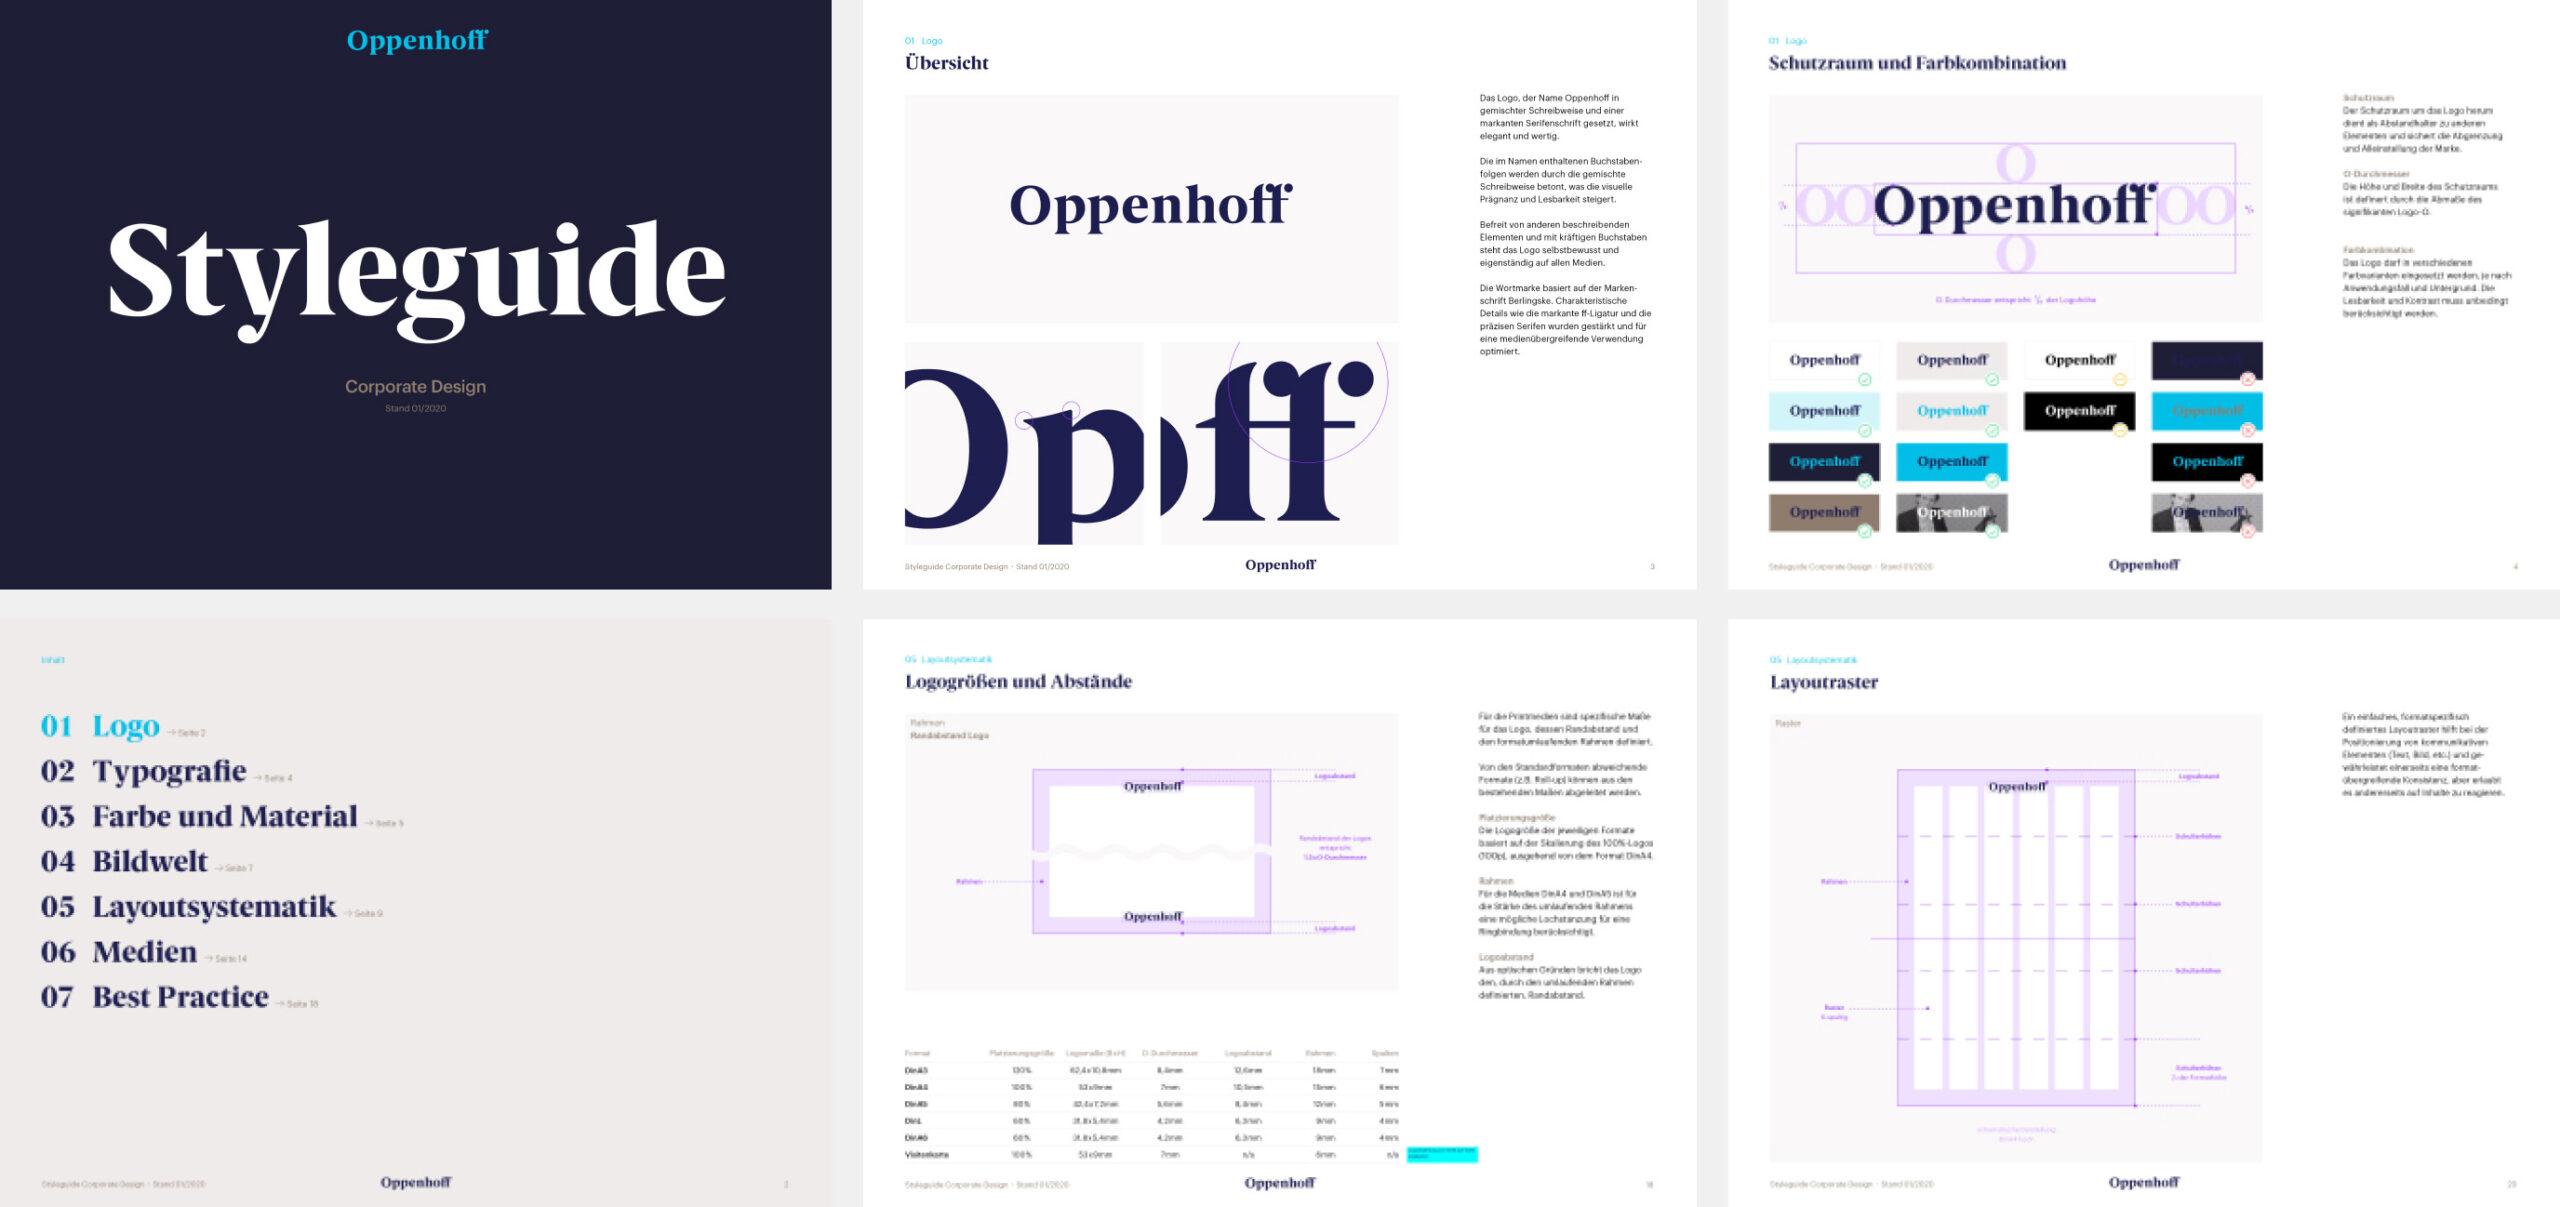 niklaslankenau_work_oppenhoff_branding_10-0